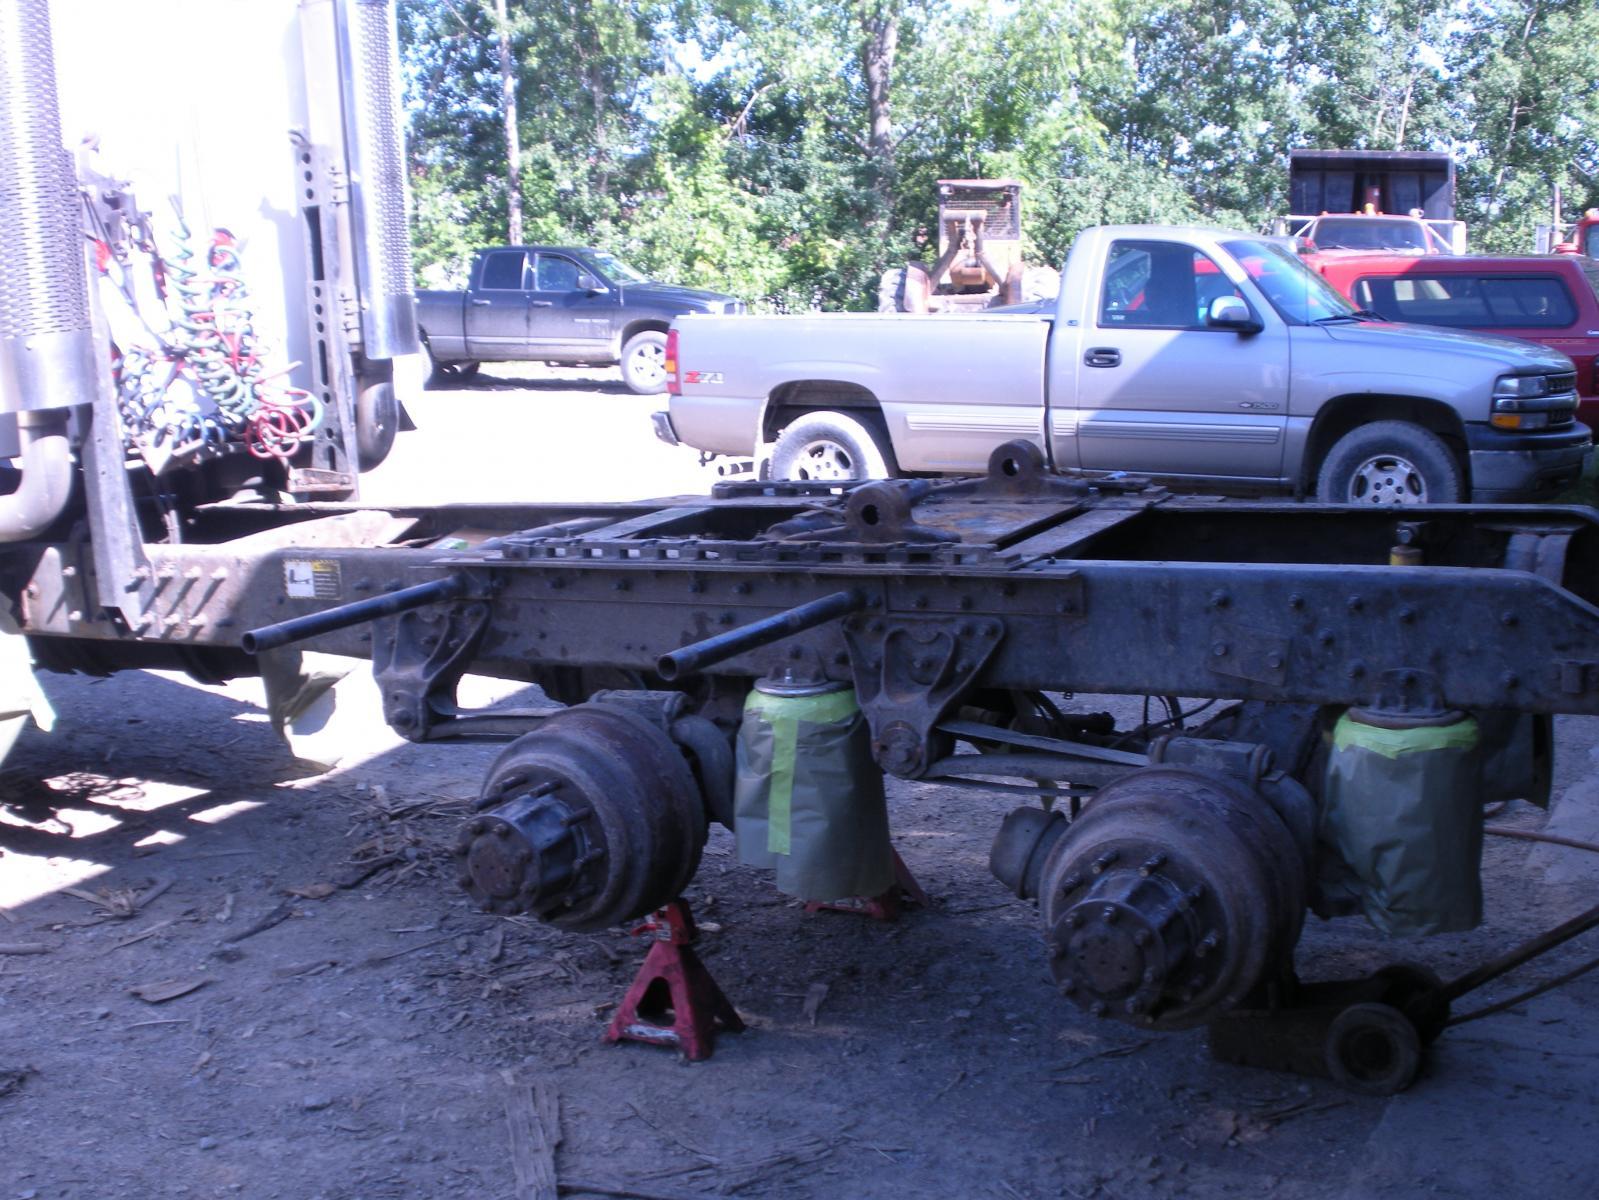 Mack truck 023.jpg